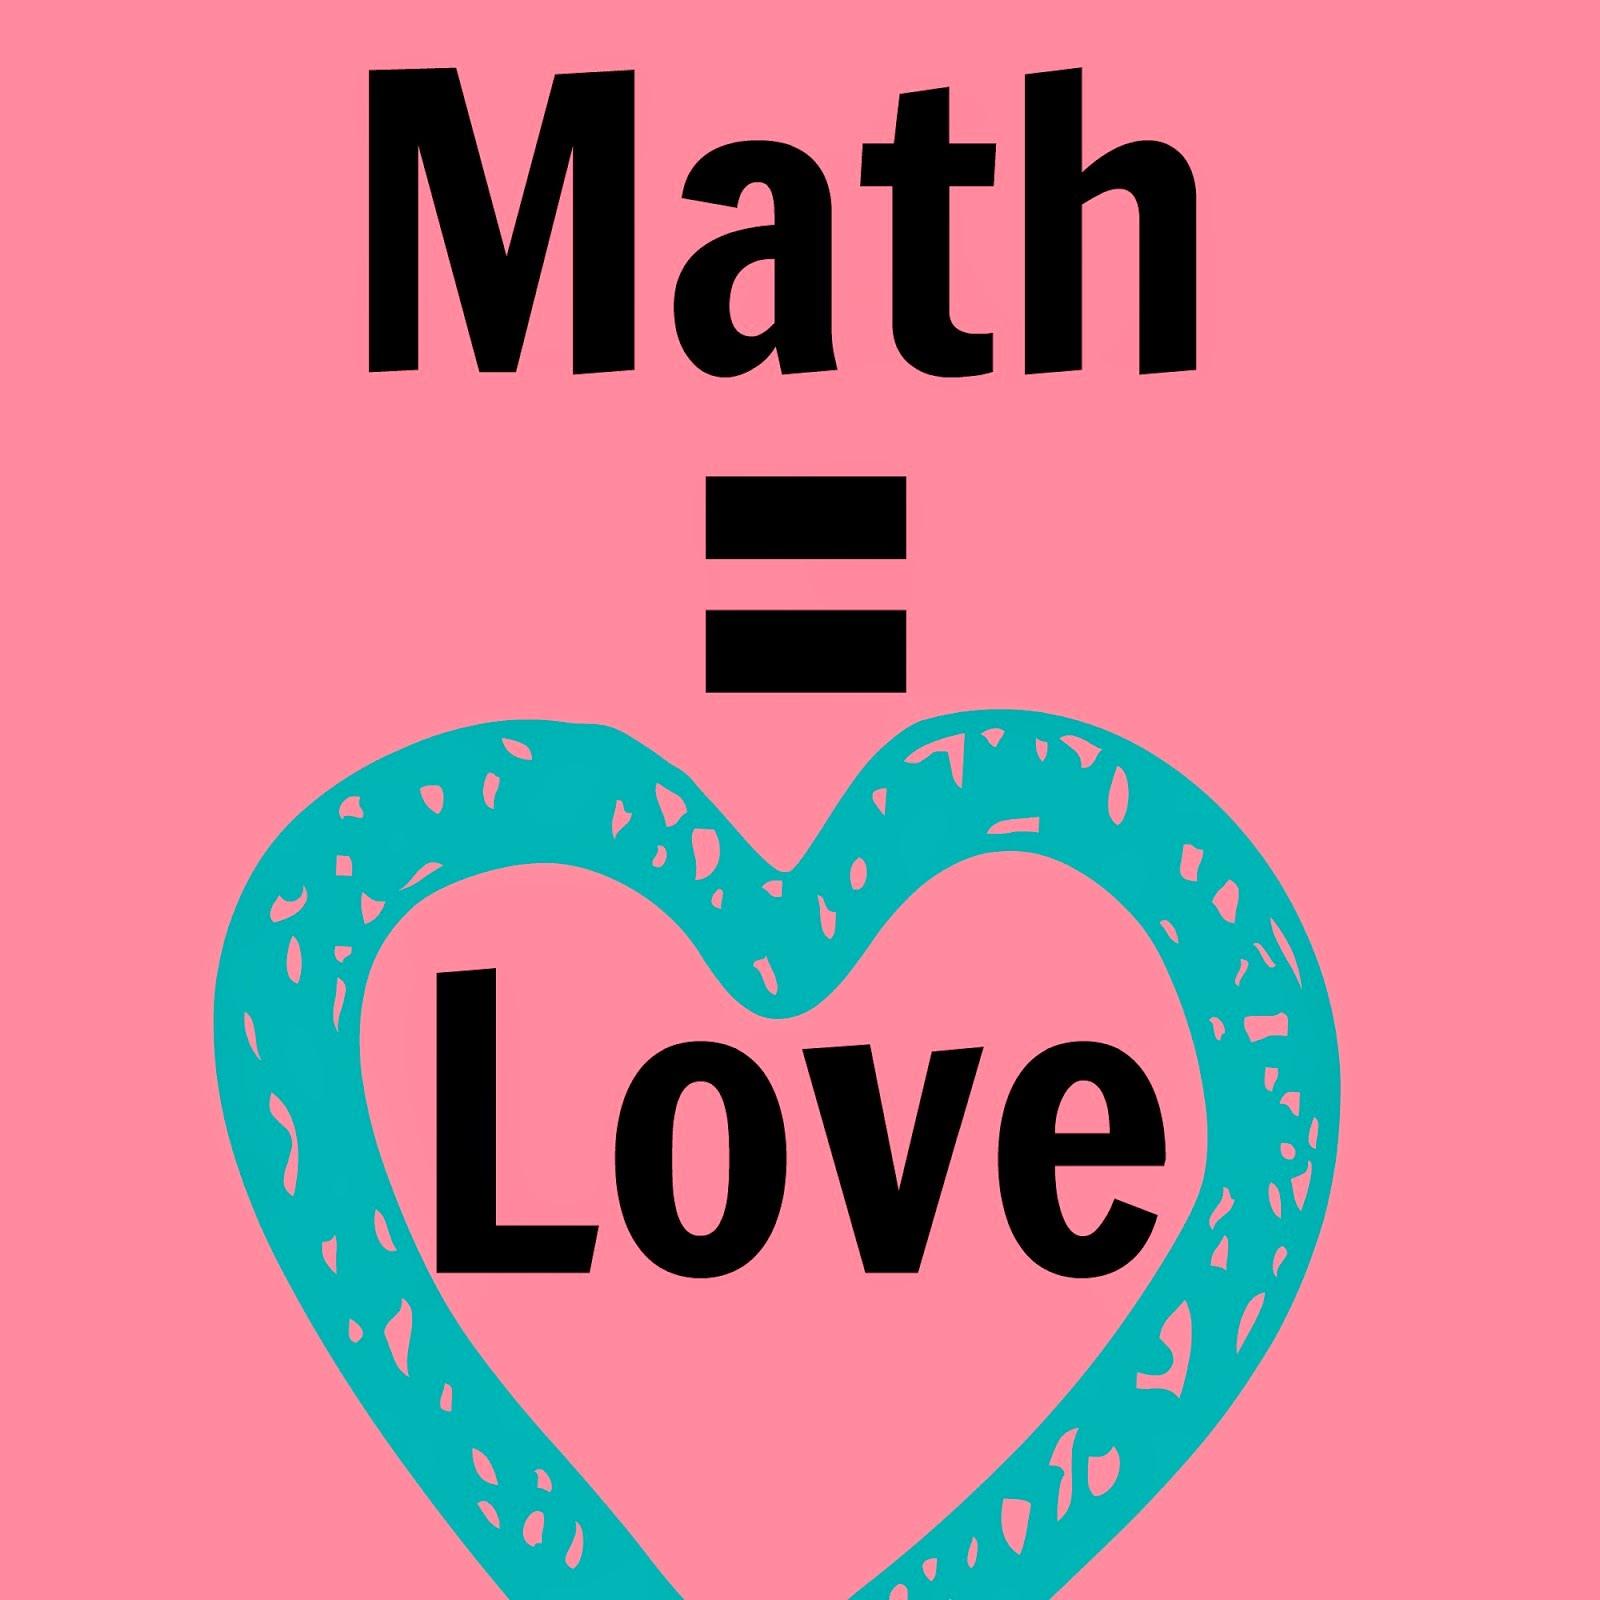 Math Love